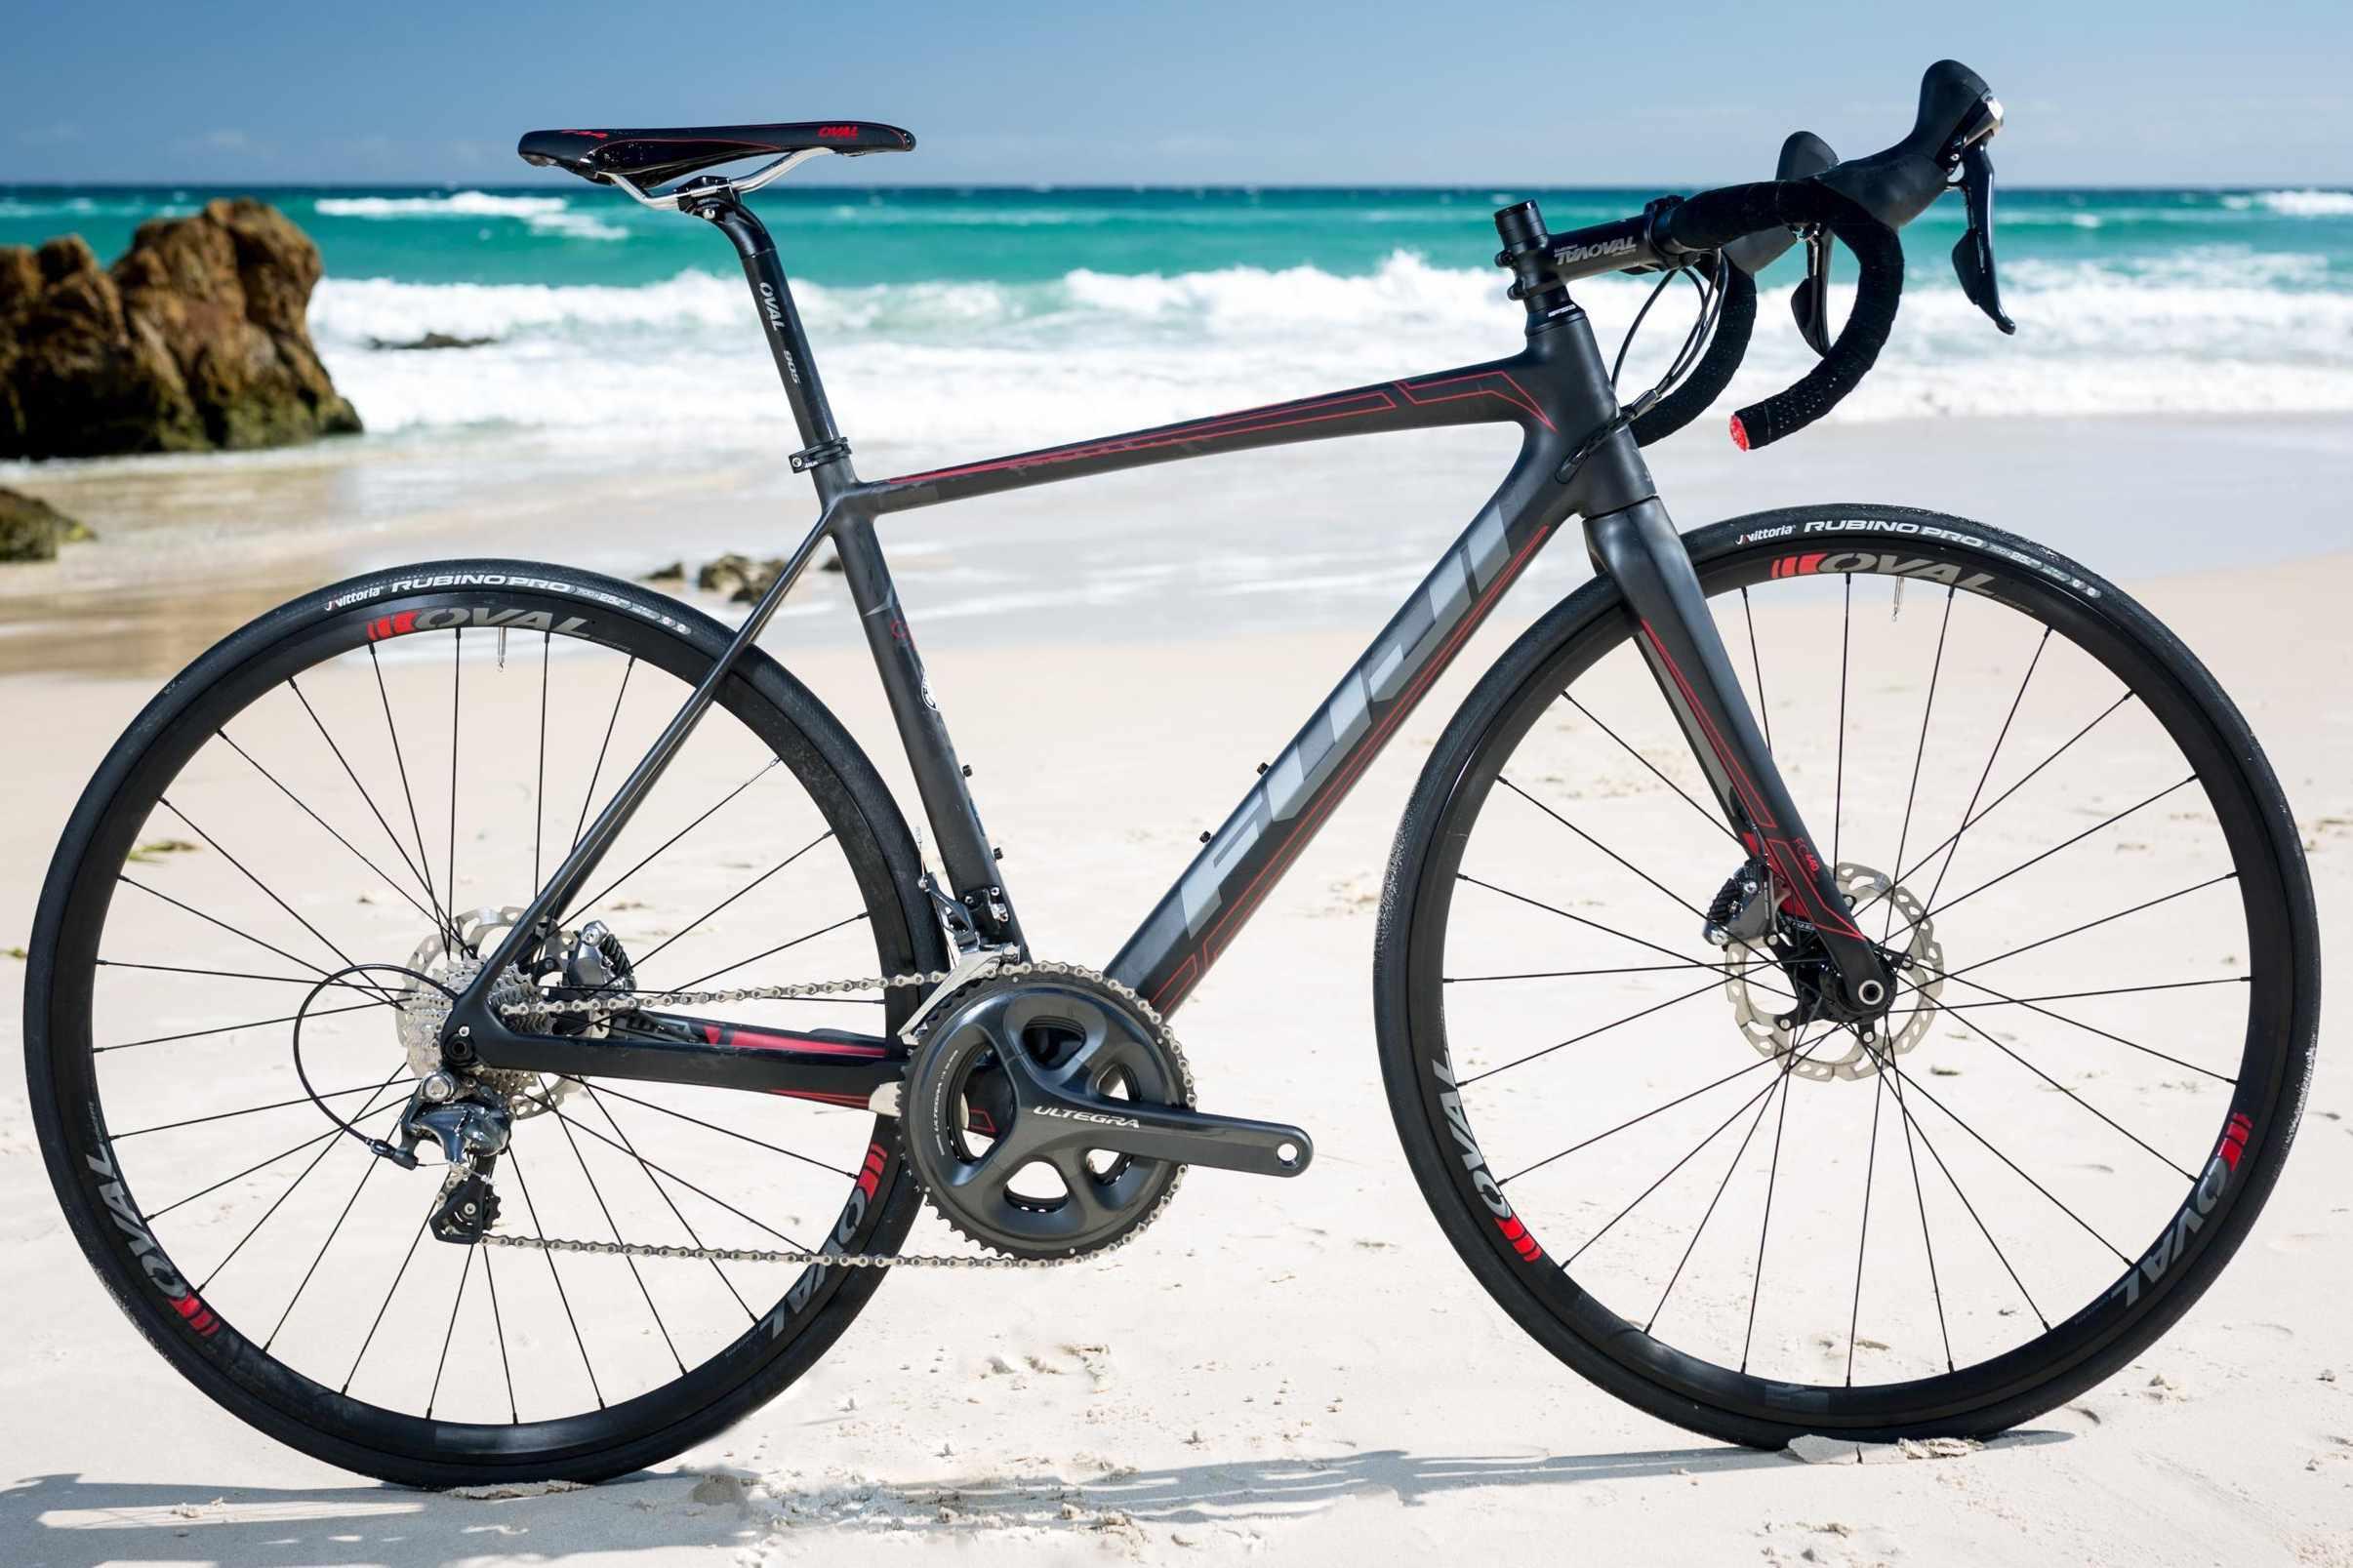 Fuji SL 2.1 Disc bike on beach